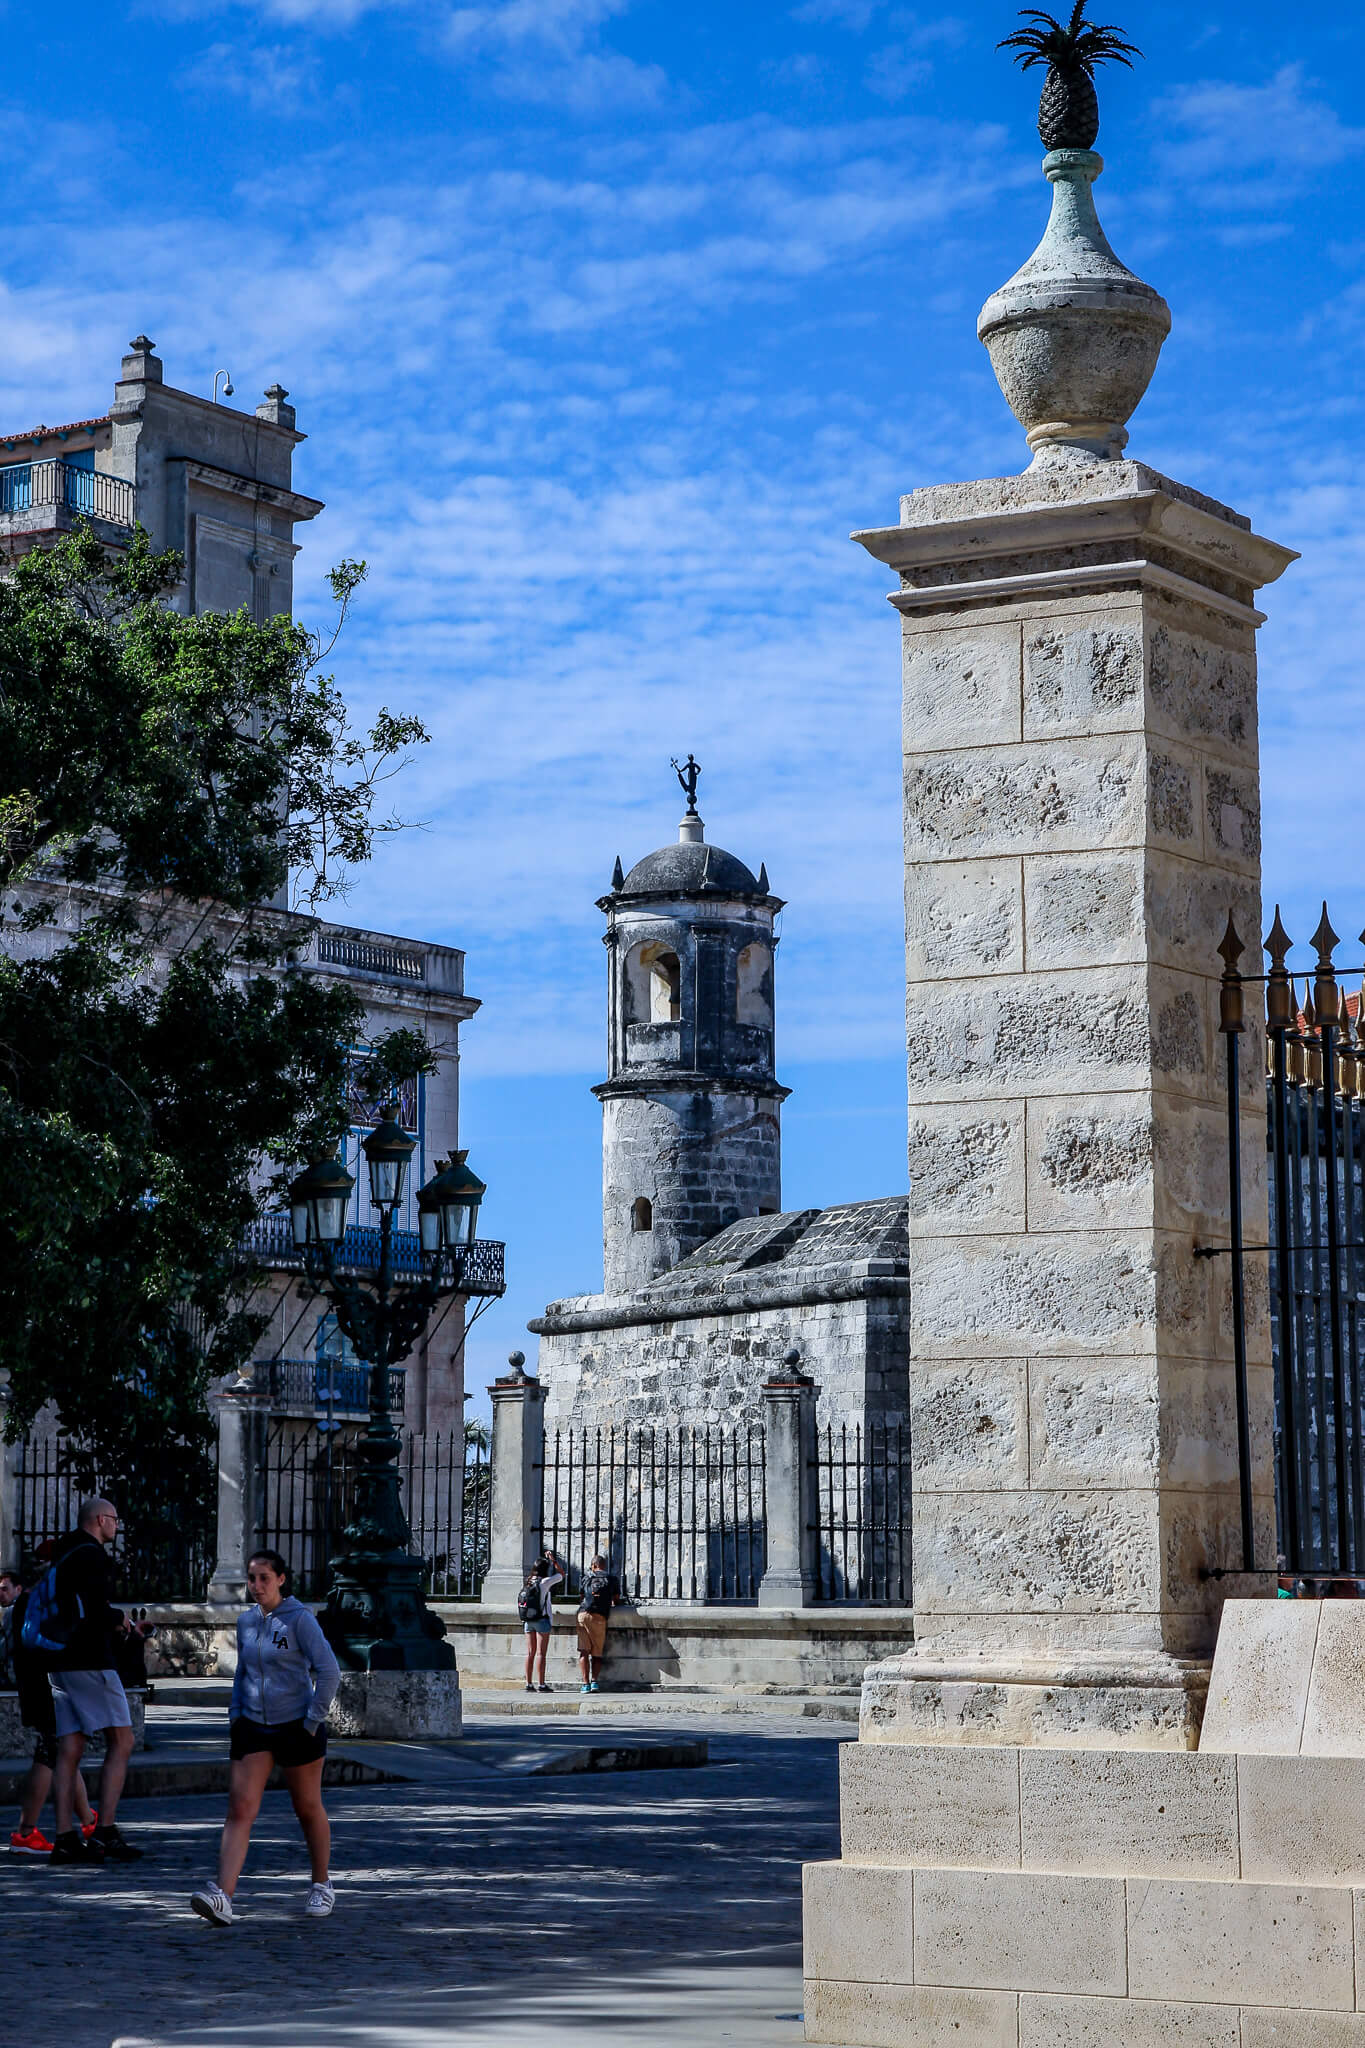 Kuba Havanna Cuba La Habana Vieja Malecon Calle Obispo Capitolio Kapitol Plaza de Armas Castillo de la Real Fuerza tantedine